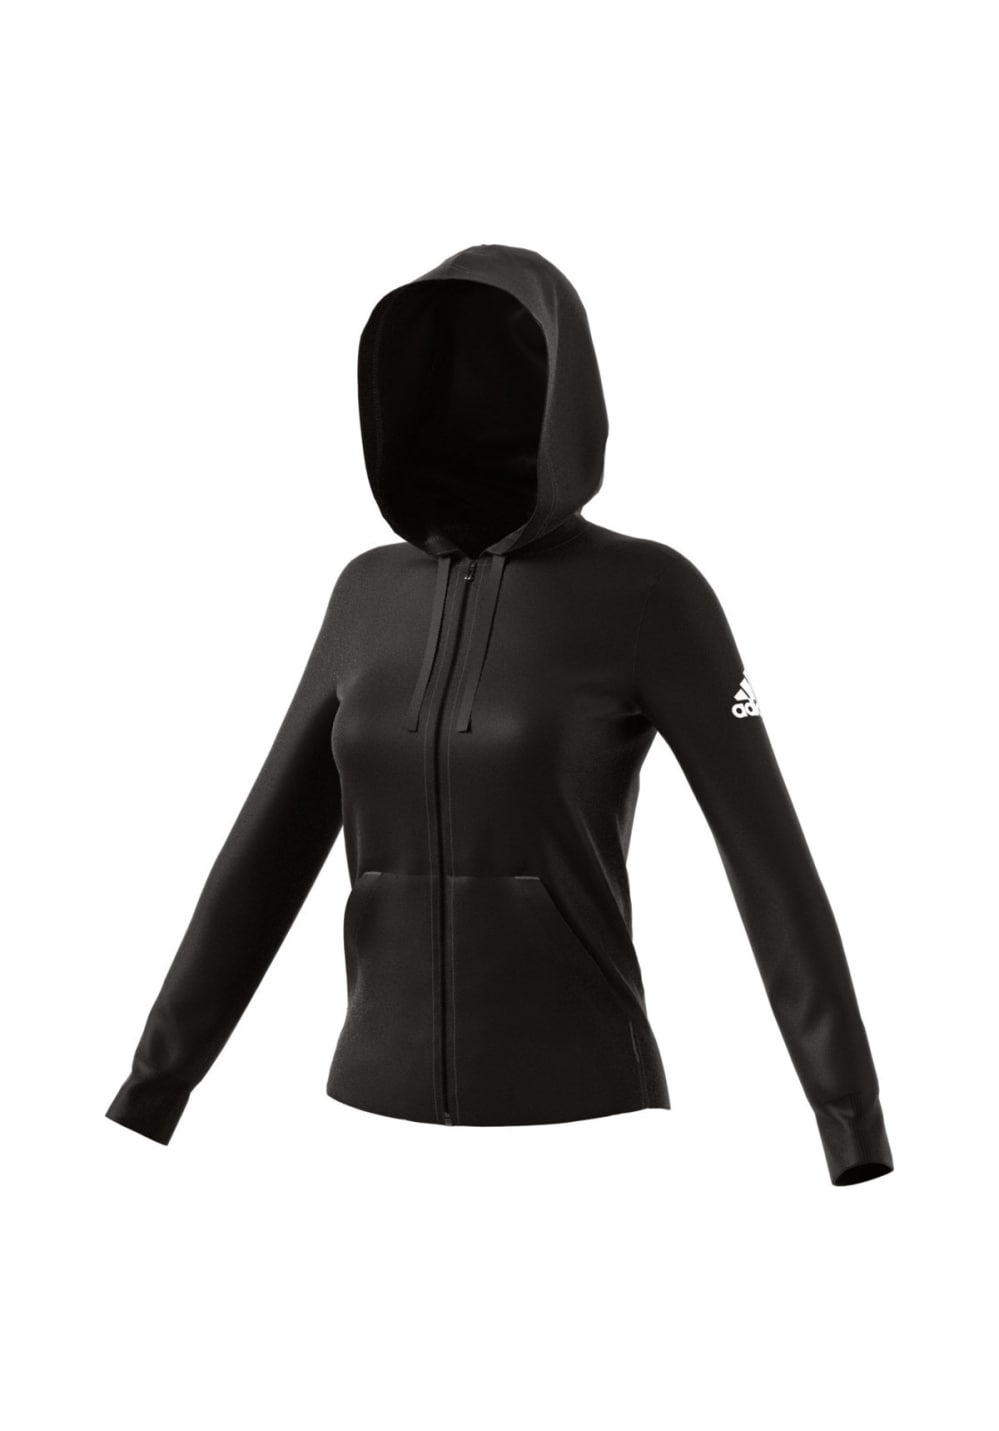 adidas Essentials Solid Fullzip Hoodie Sweatshirts Hoodies for Women Black